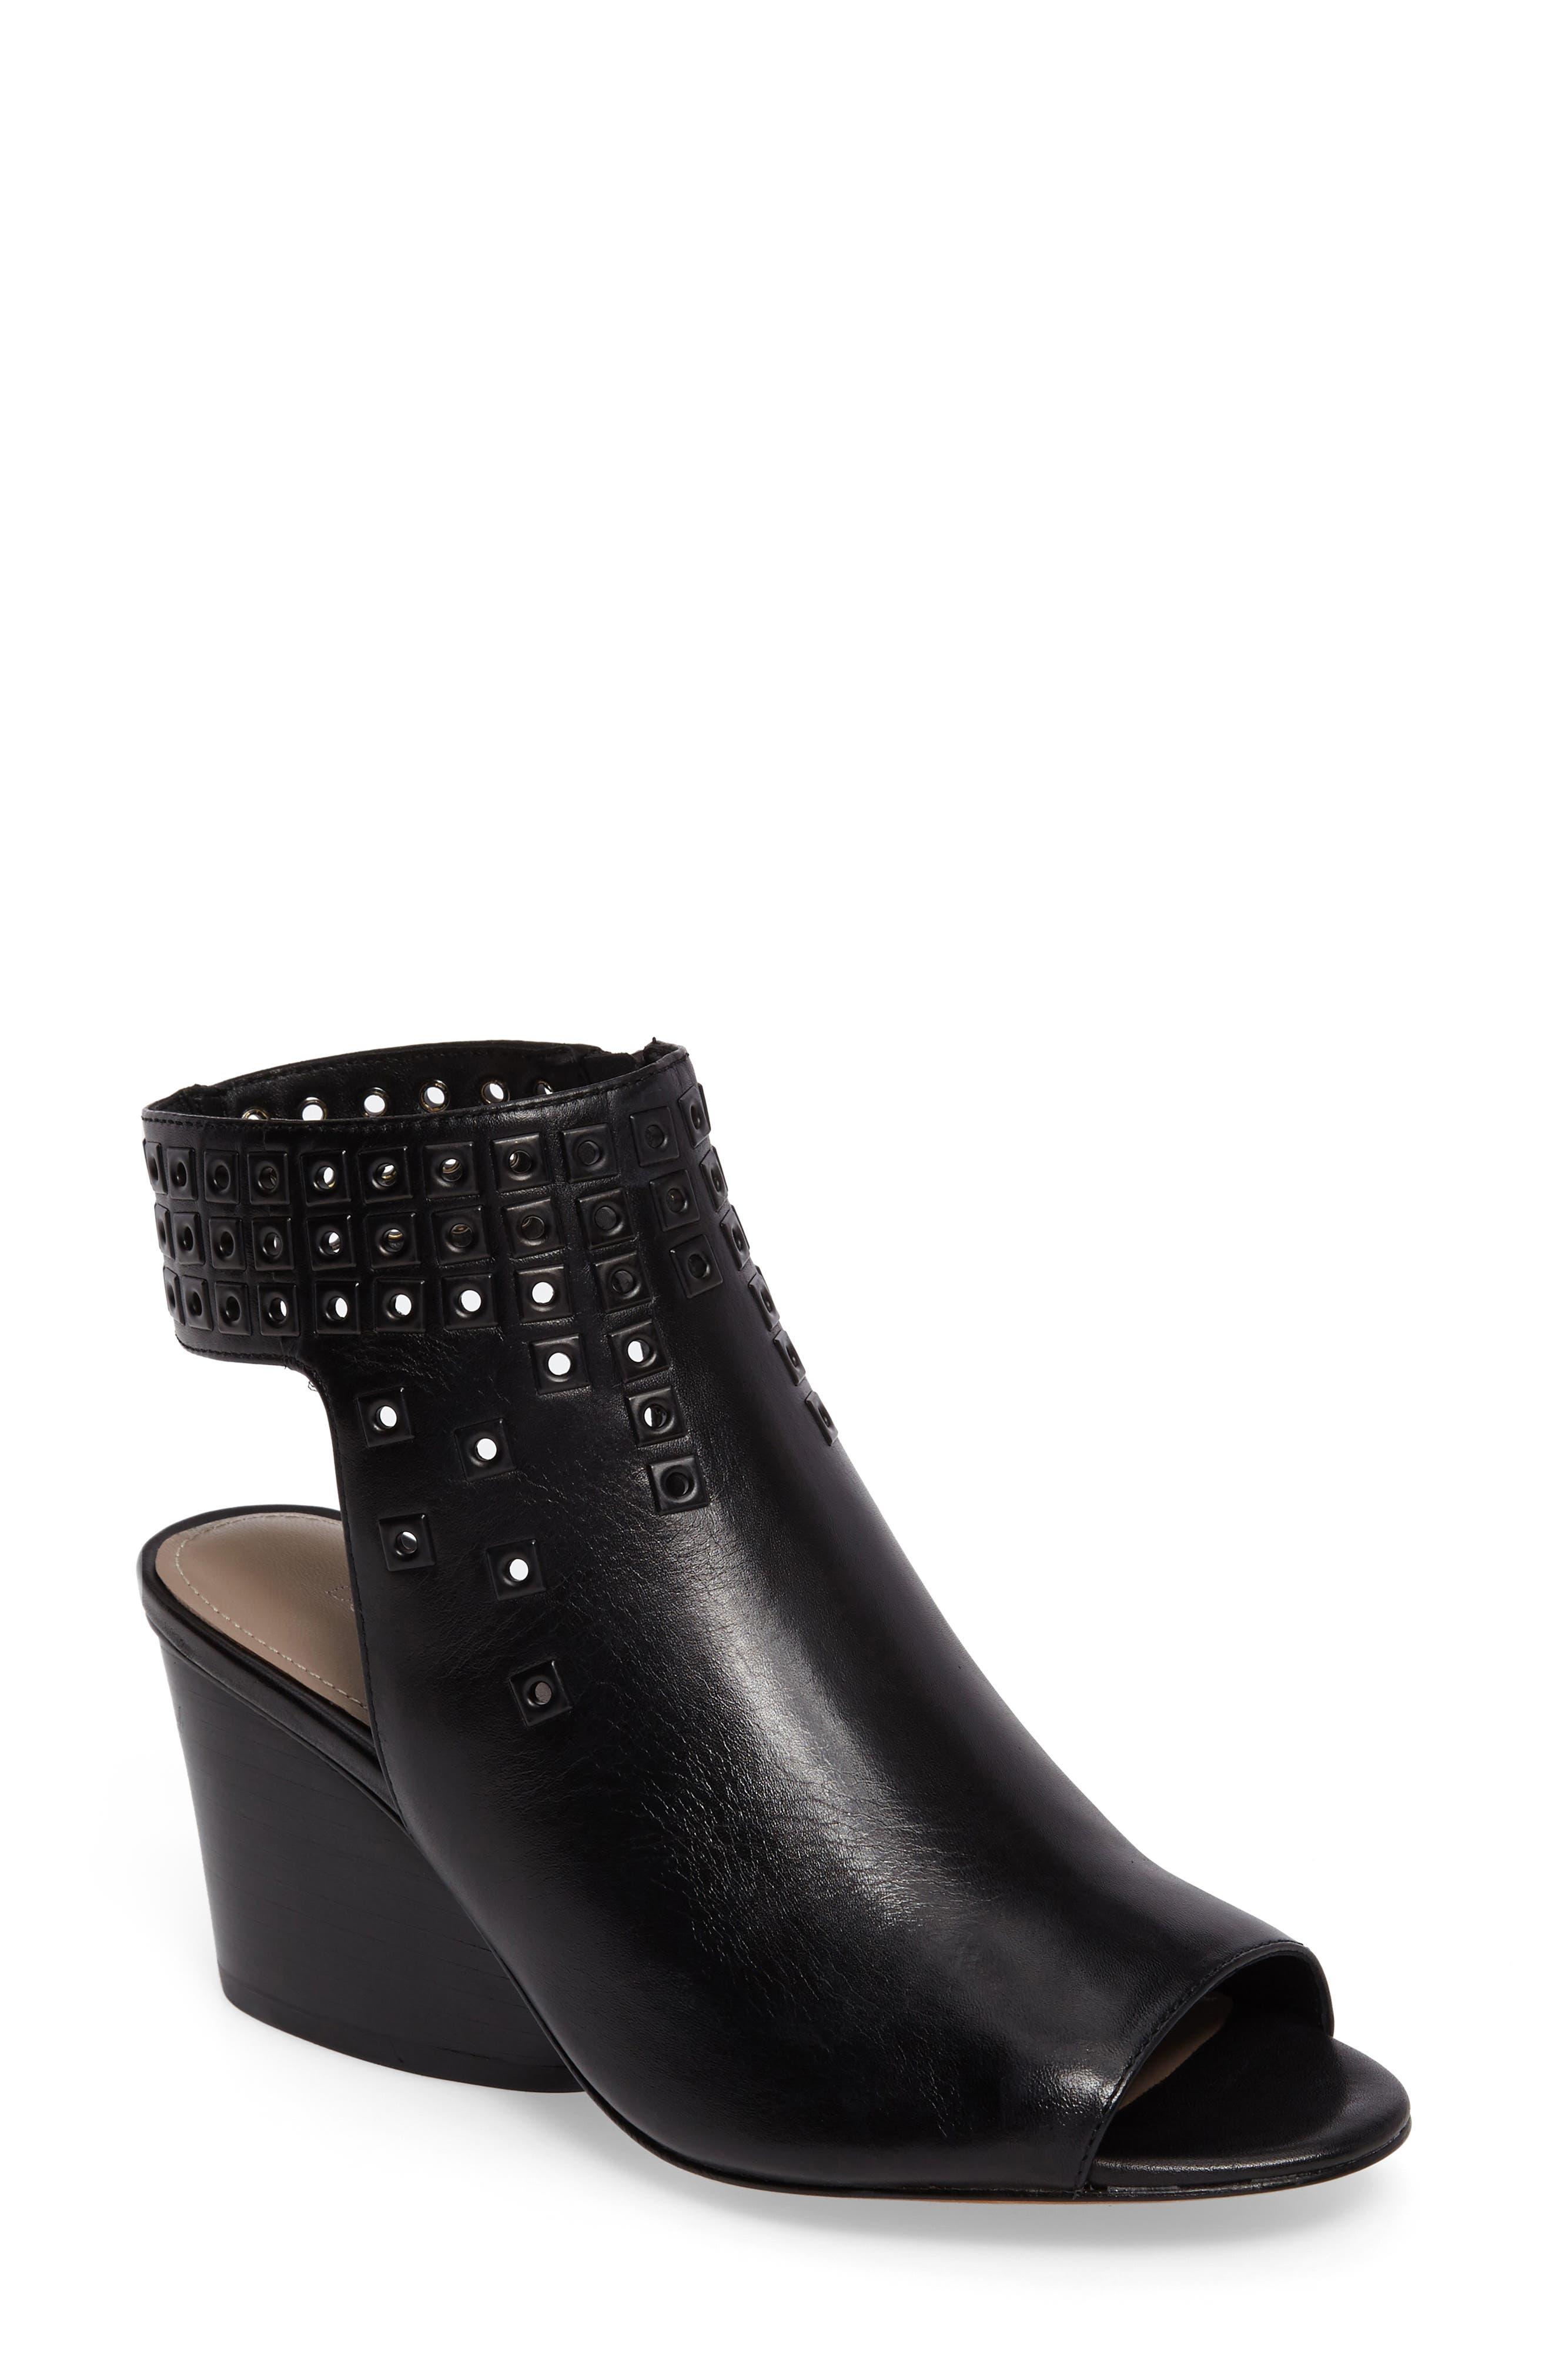 Donald J Pliner Jane Grommet Wedge Sandal